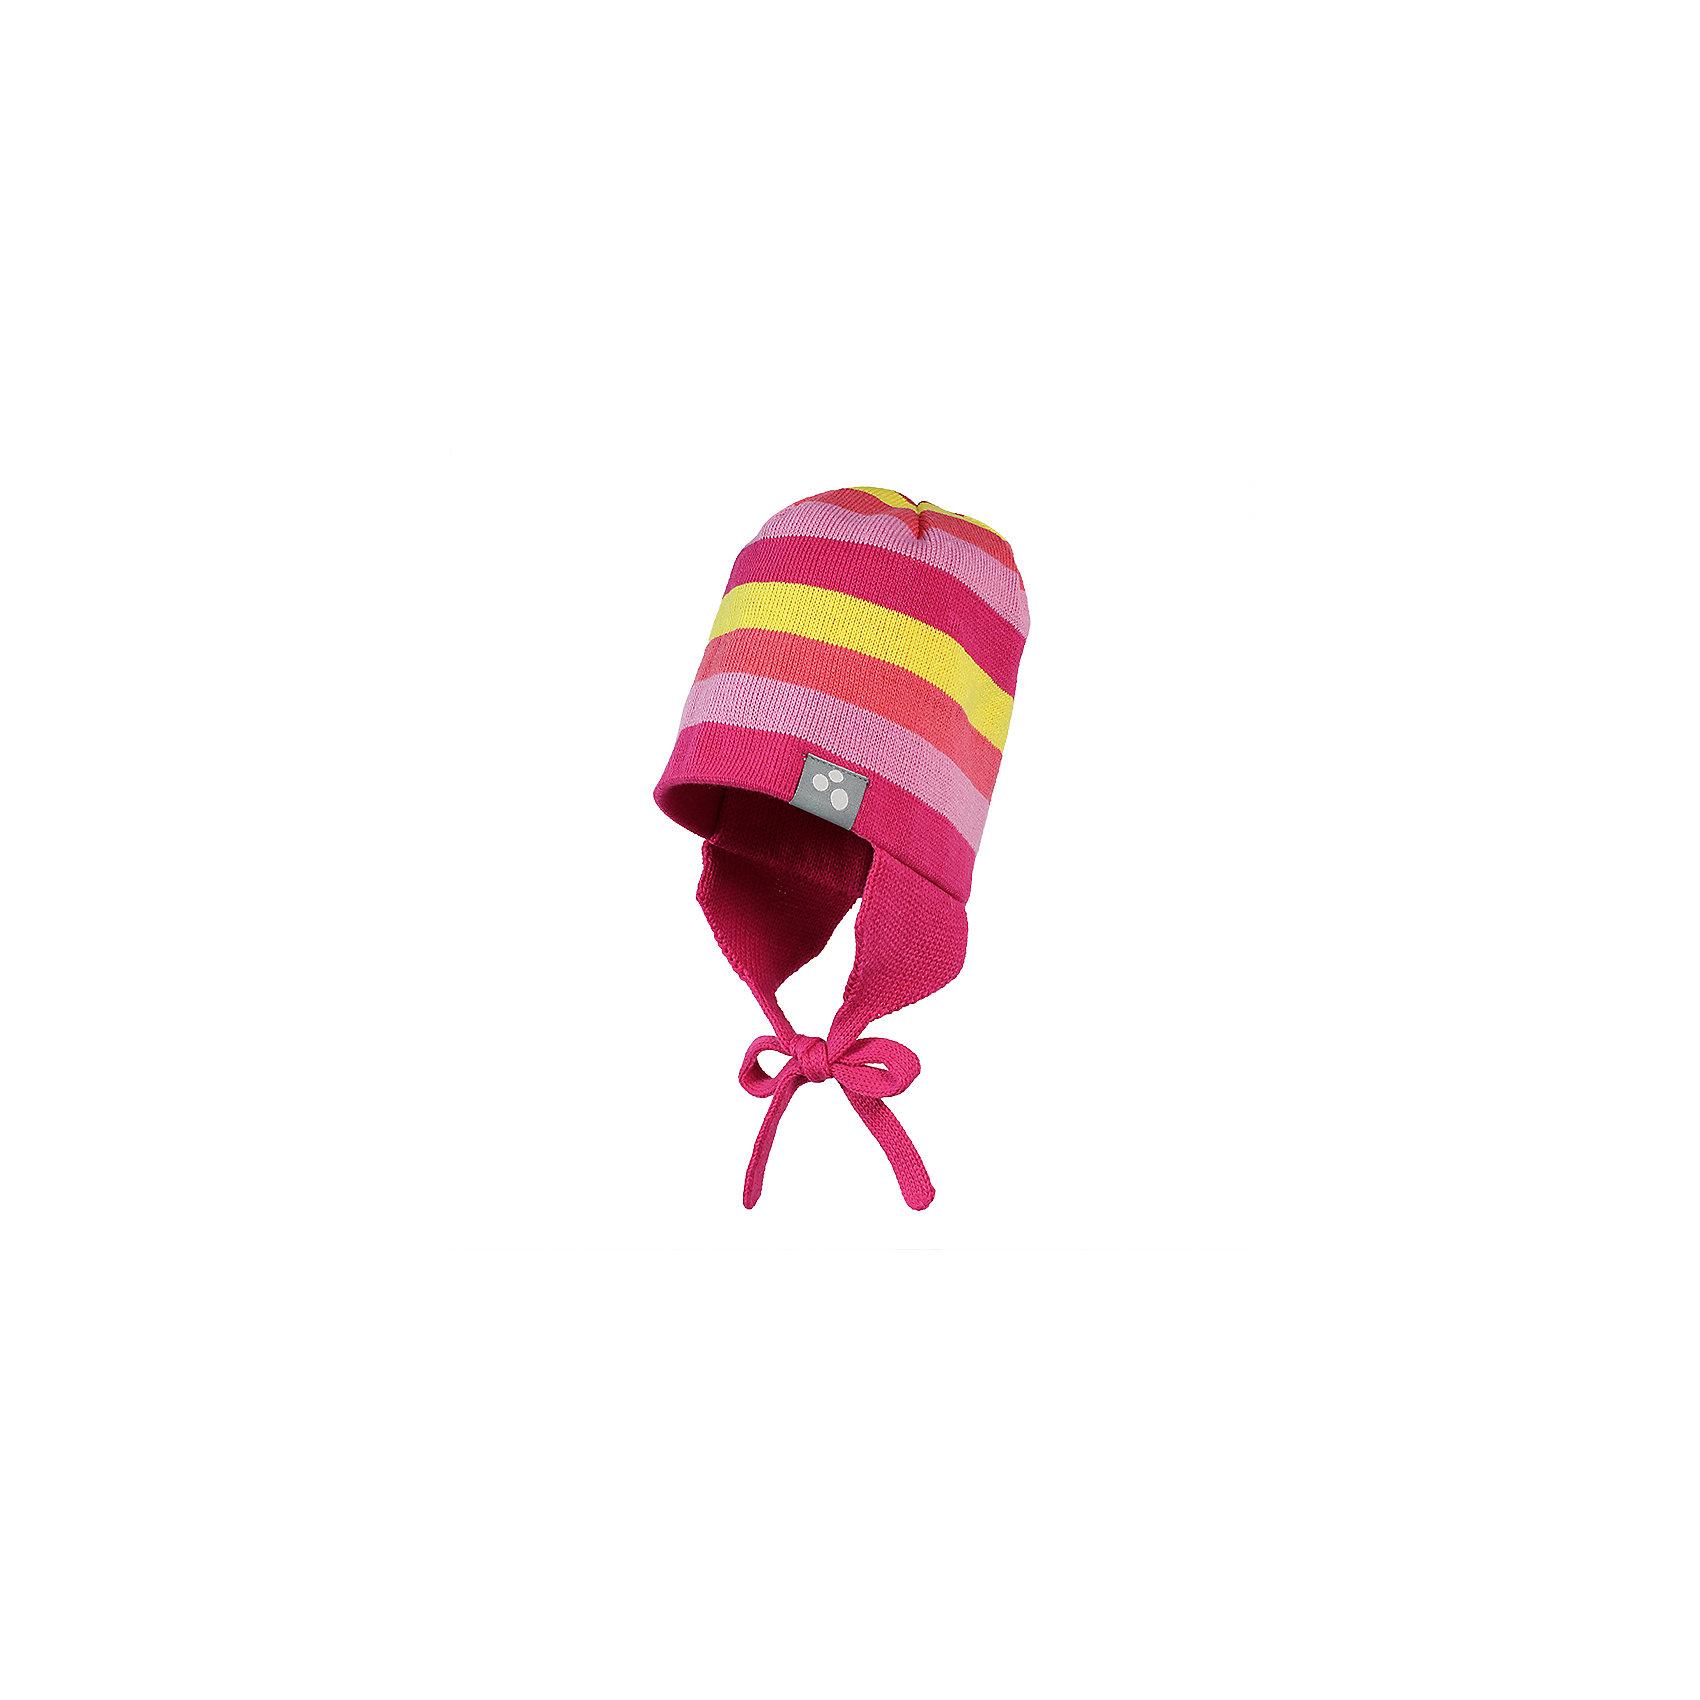 Шапка для девочки HuppaЯркая вязаная шапочка на завязках надежно защищает от холодного ветра - прекрасный вариант для прогулок ранней весной и осенью.<br><br>Дополнительная информация:<br><br>Температурный режим - от 0С до +10С<br>Состав: 50% хлопок + 50% акрил.<br><br>Шапку для девочки Huppa можно купить в нашем магазине.<br><br>Ширина мм: 89<br>Глубина мм: 117<br>Высота мм: 44<br>Вес г: 155<br>Цвет: розовый<br>Возраст от месяцев: 12<br>Возраст до месяцев: 24<br>Пол: Женский<br>Возраст: Детский<br>Размер: 55-57,51-53,47-49,43-45<br>SKU: 4599001